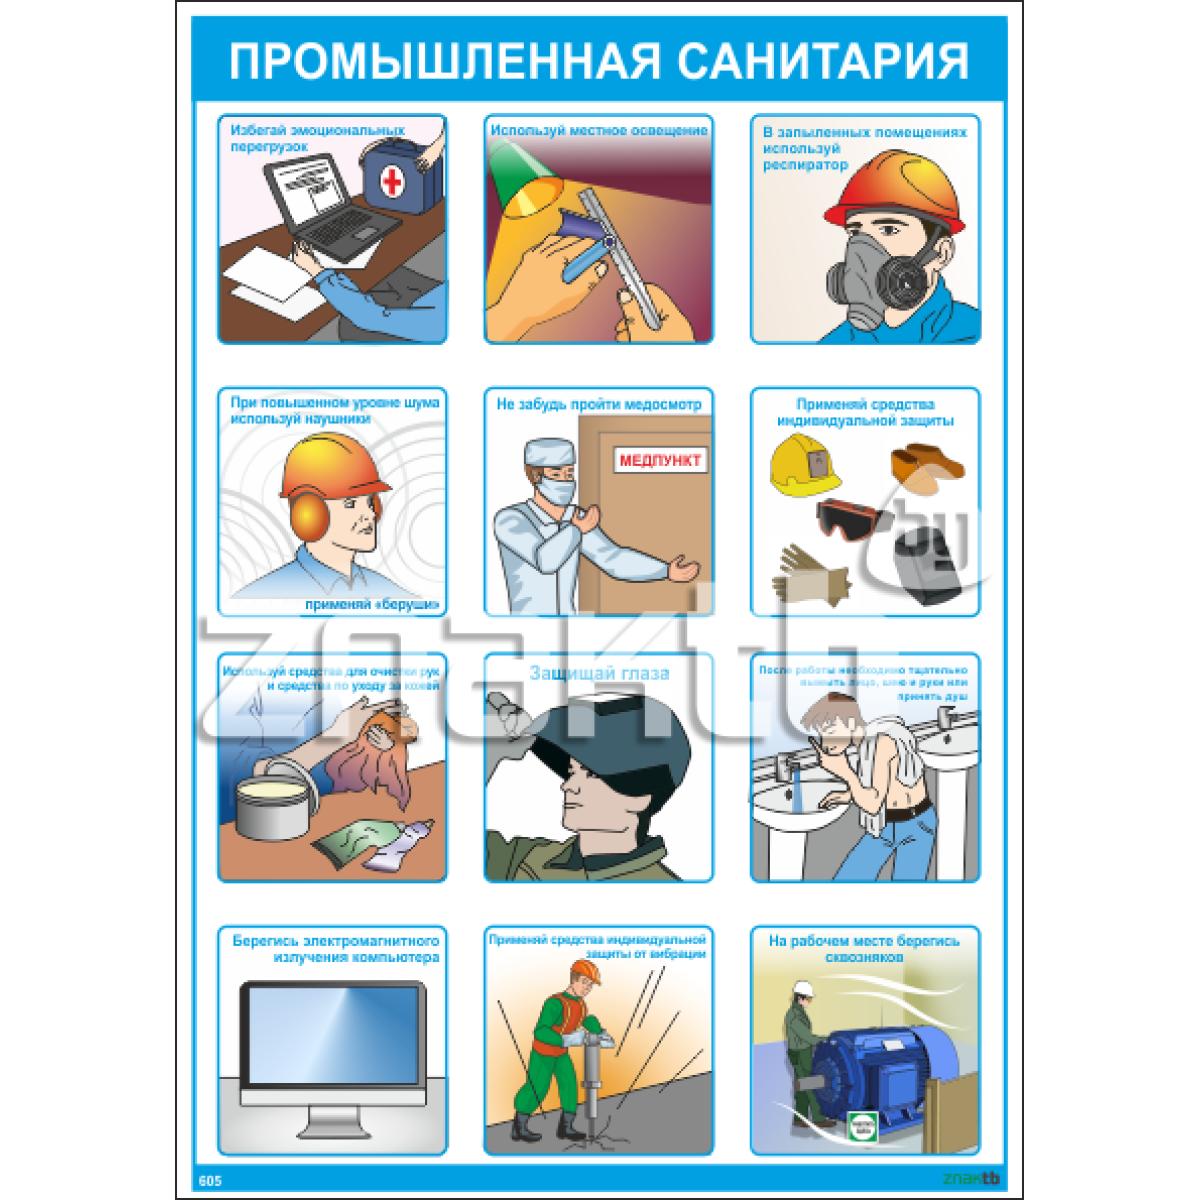 """Плакат по охране труда """"Промышленная санитария"""""""